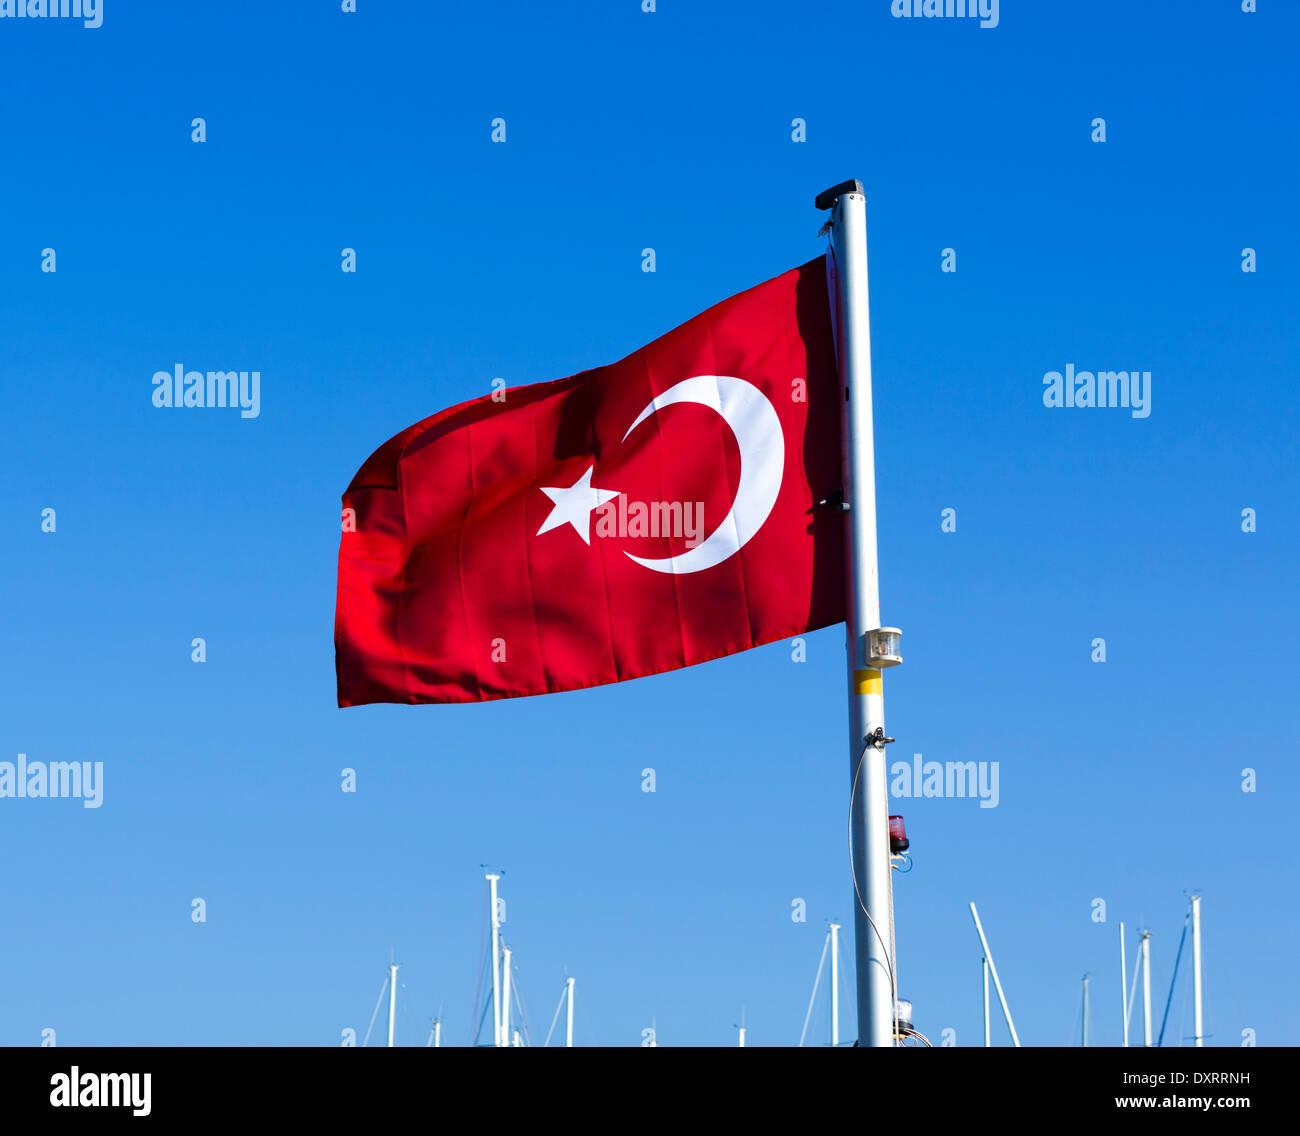 Türkische Flagge auf einem Boot im Hafen bei Ucagiz in der Nähe von Kekova Insel, türkische Riviera, Provinz Antalya, Türkei Stockbild